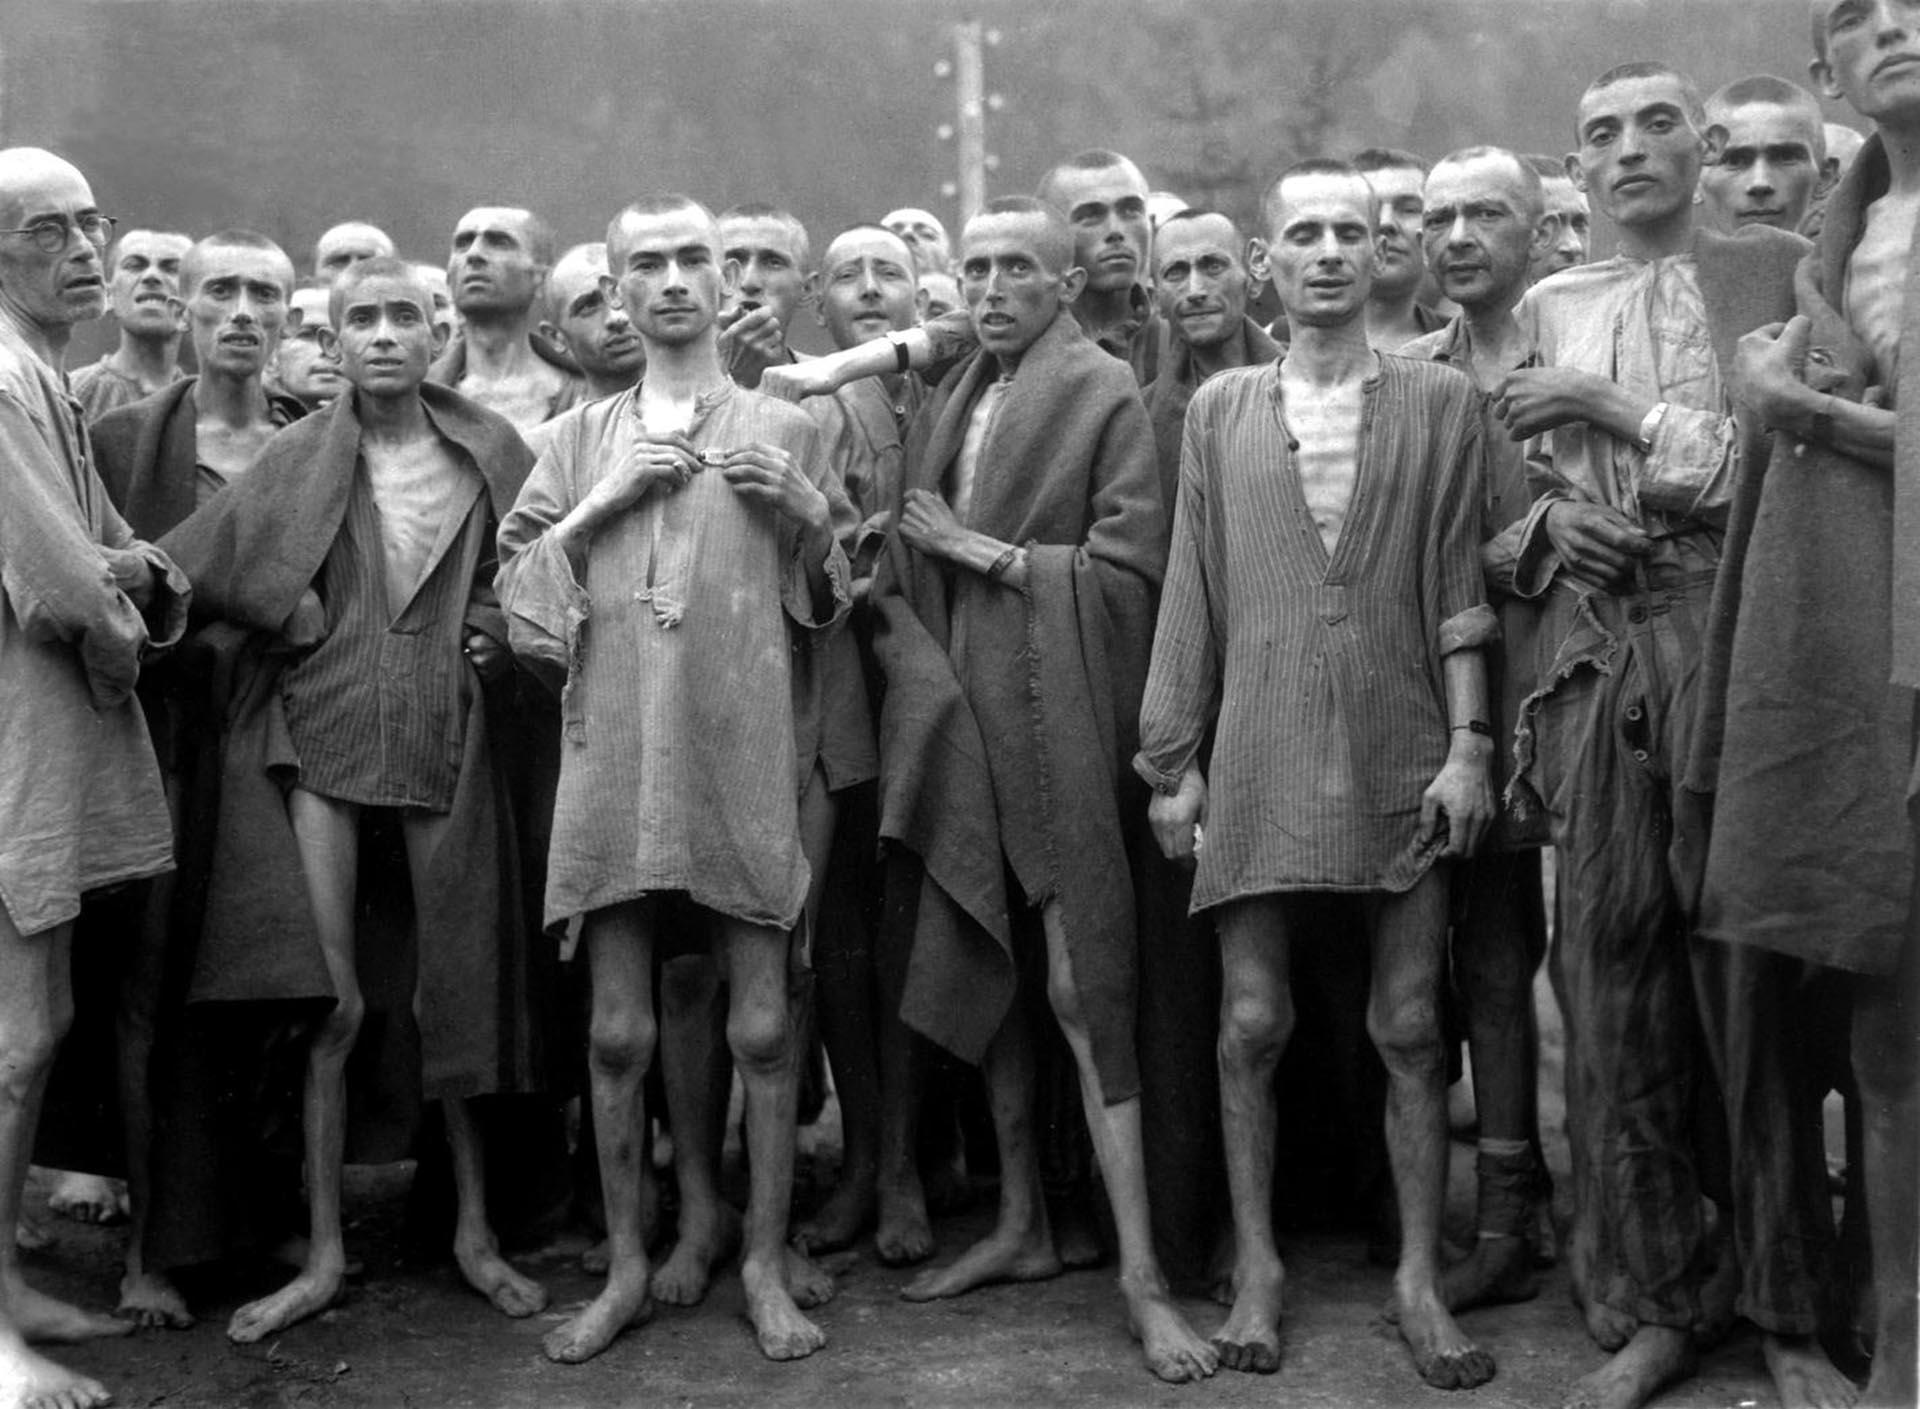 Mengele inoculó tifus en pacientes, inyectó sustancias en los ojos de varios niños para intentar cambiarles el color, extirpó ojos de personas vivas para ver cómo eran por dentro, para intentar entender su funcionamiento, mató personas para extirparles órganos (Archivo SHOA)